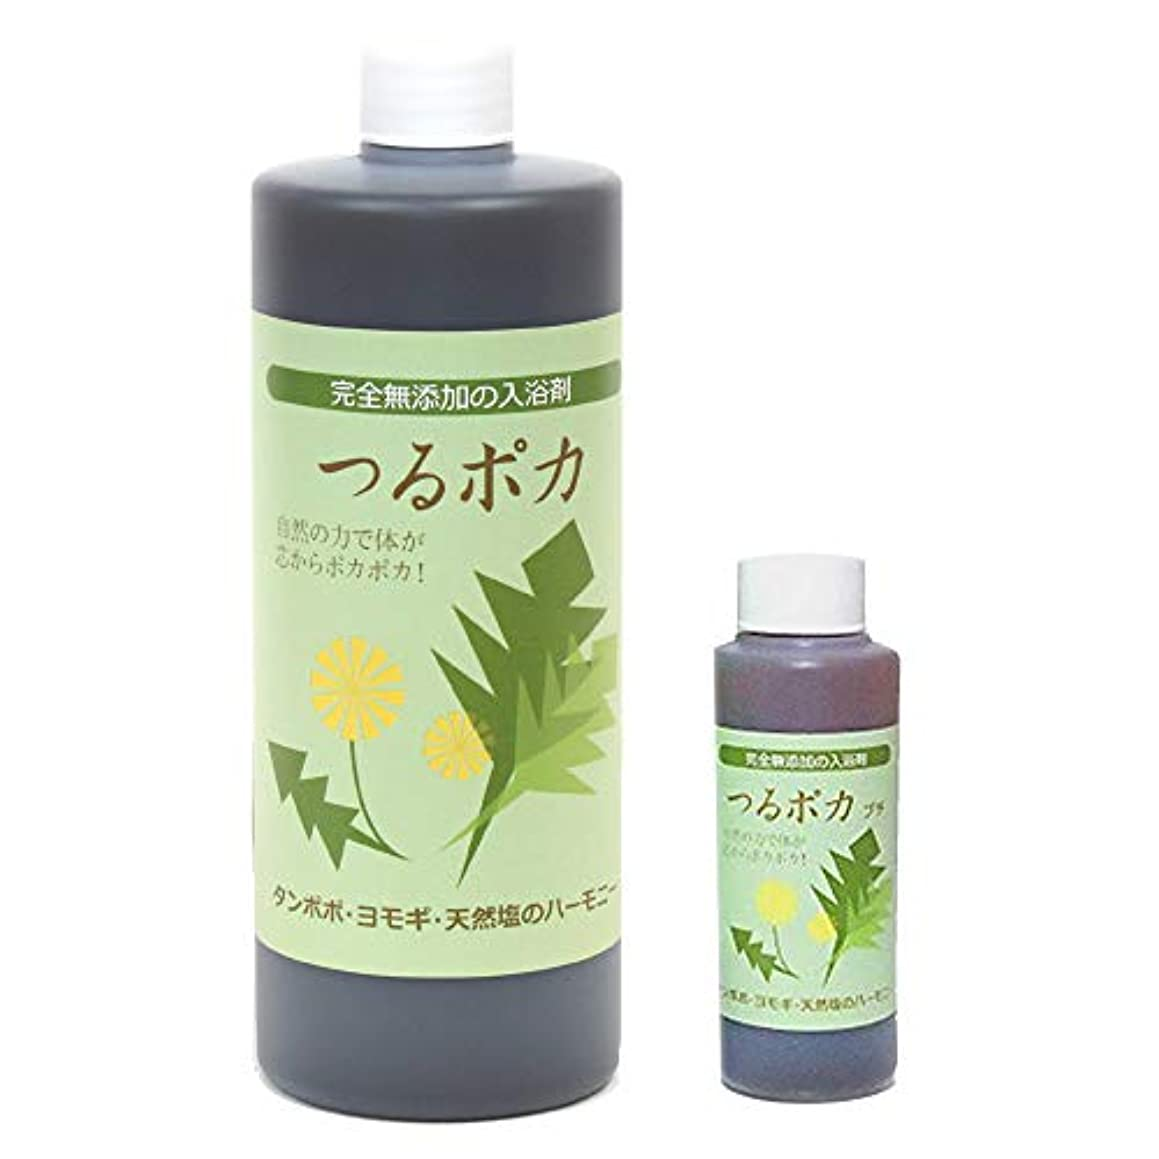 オーガニック赤外線ナインへつるポカ入浴剤 500ml+60ml おまけ (ばんのう酵母くん姉妹商品)